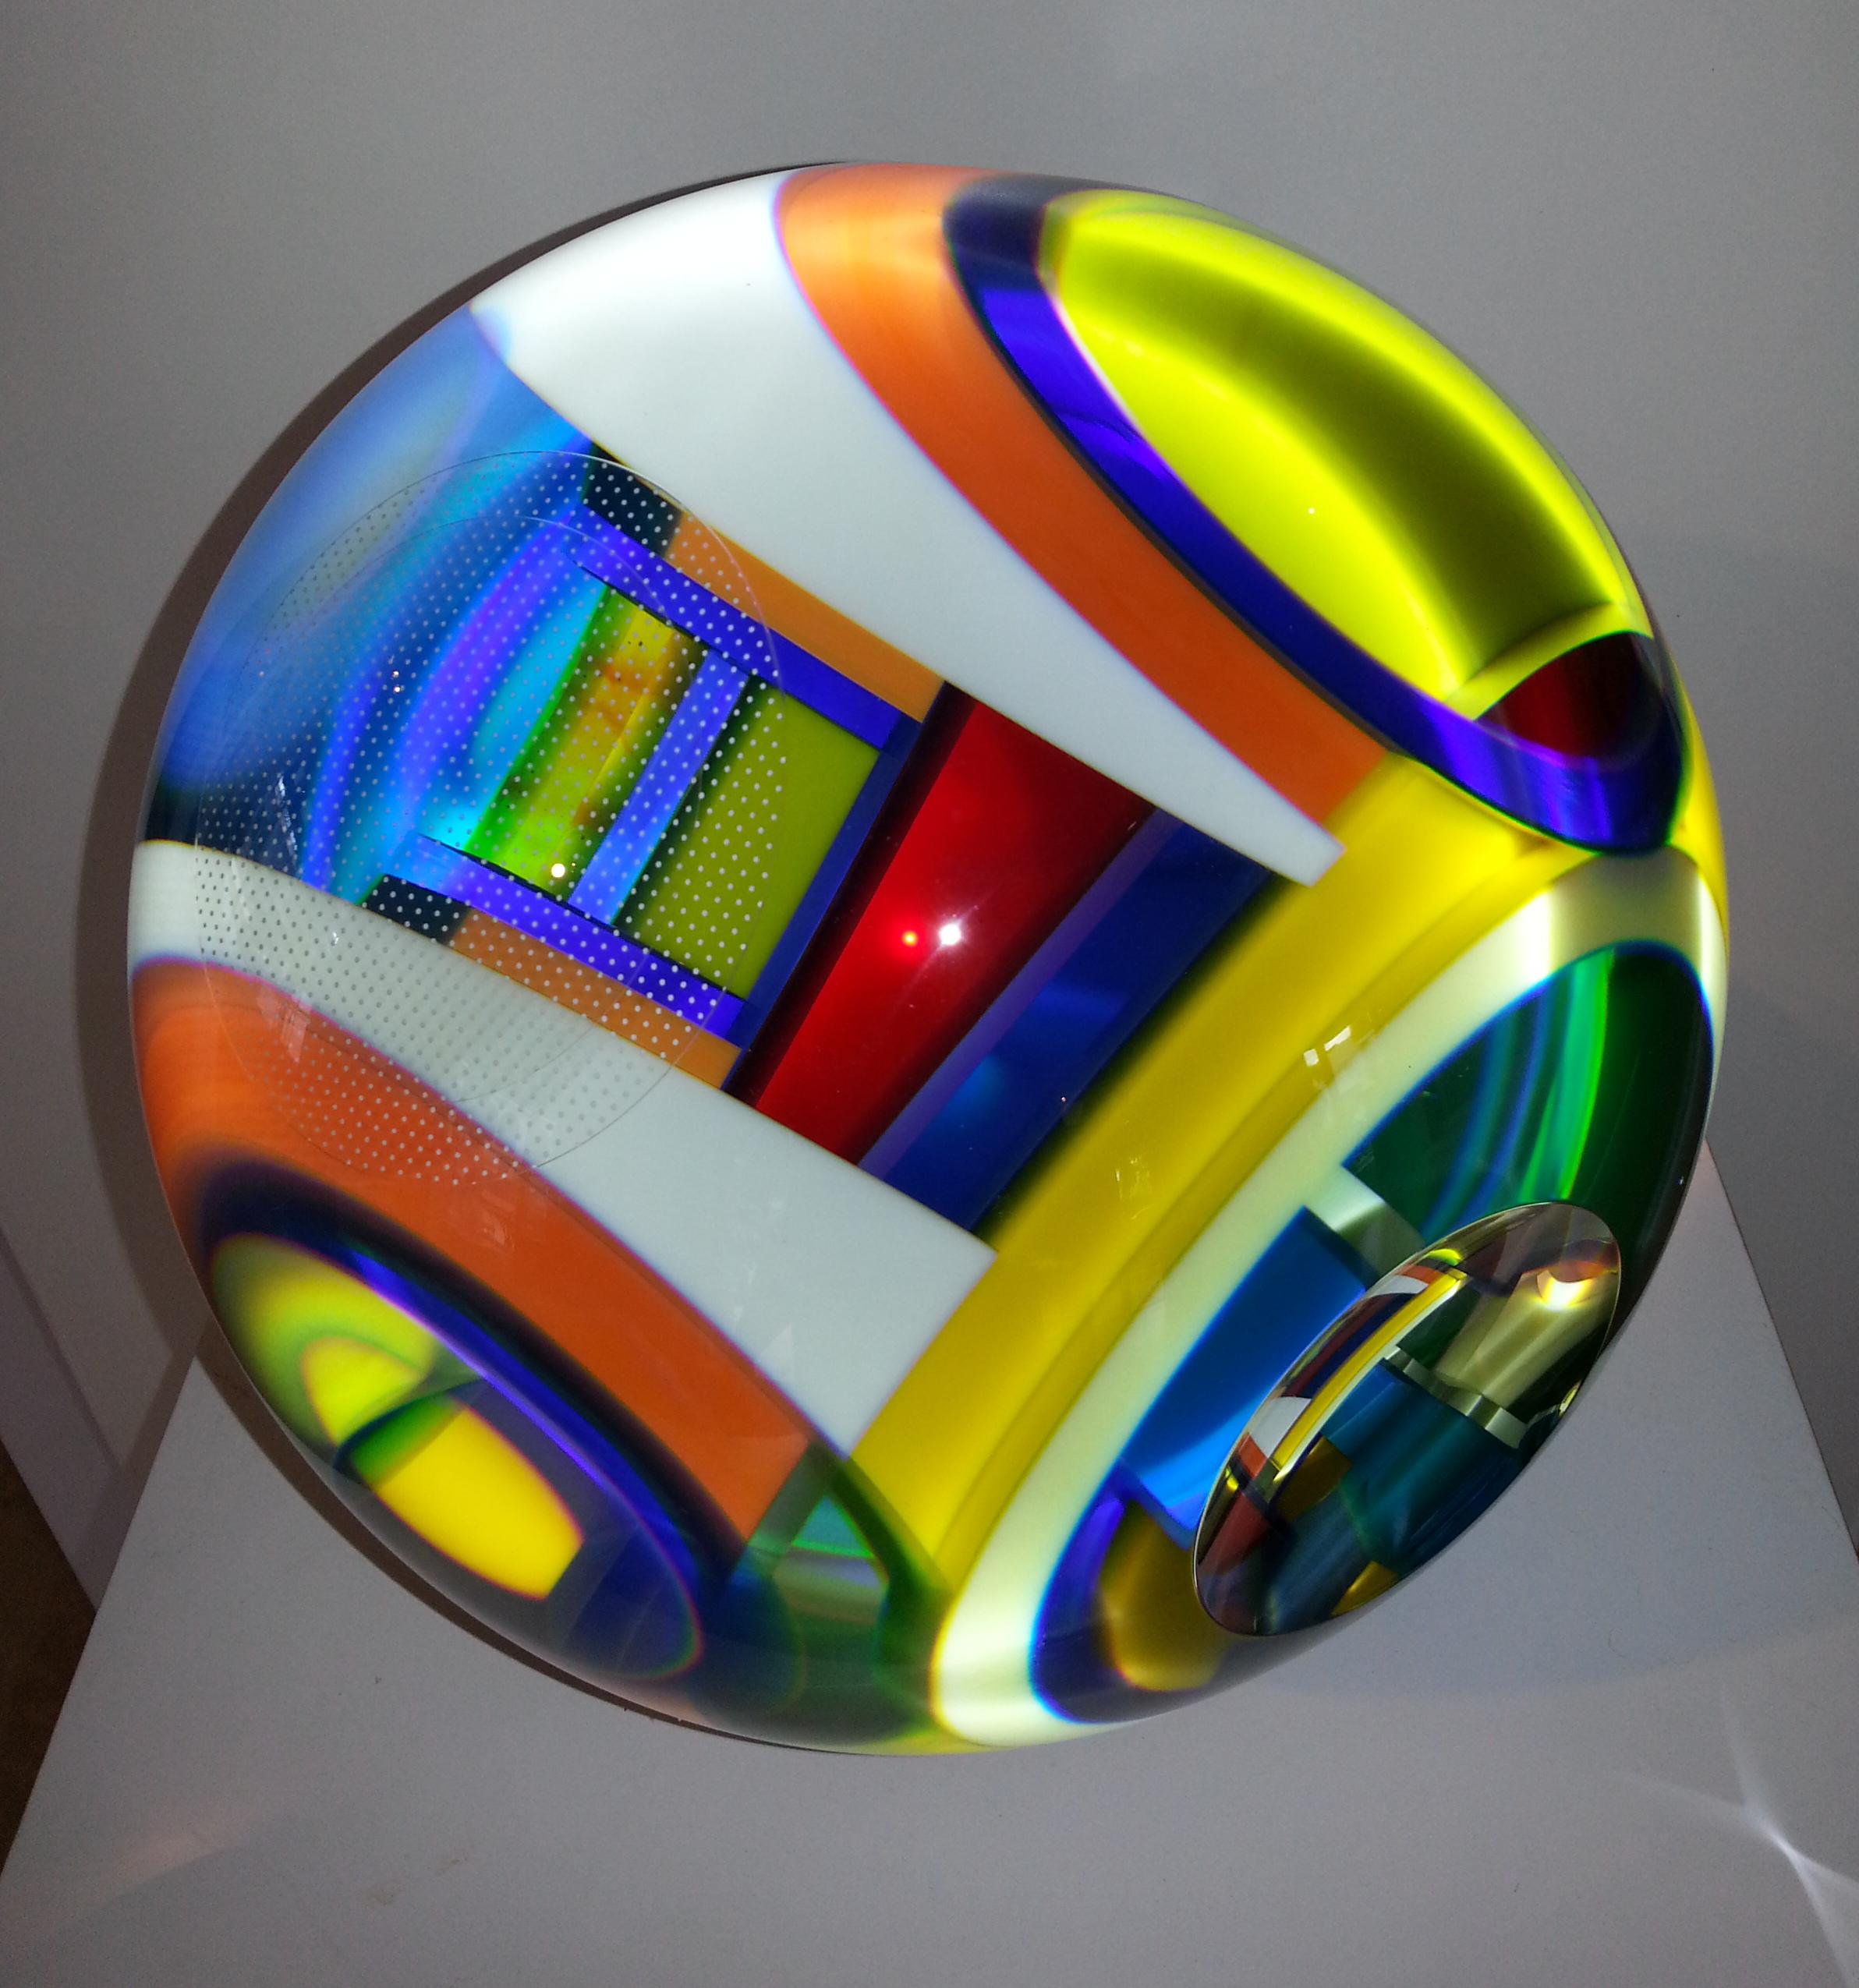 glass sculpture by David Huchthausen